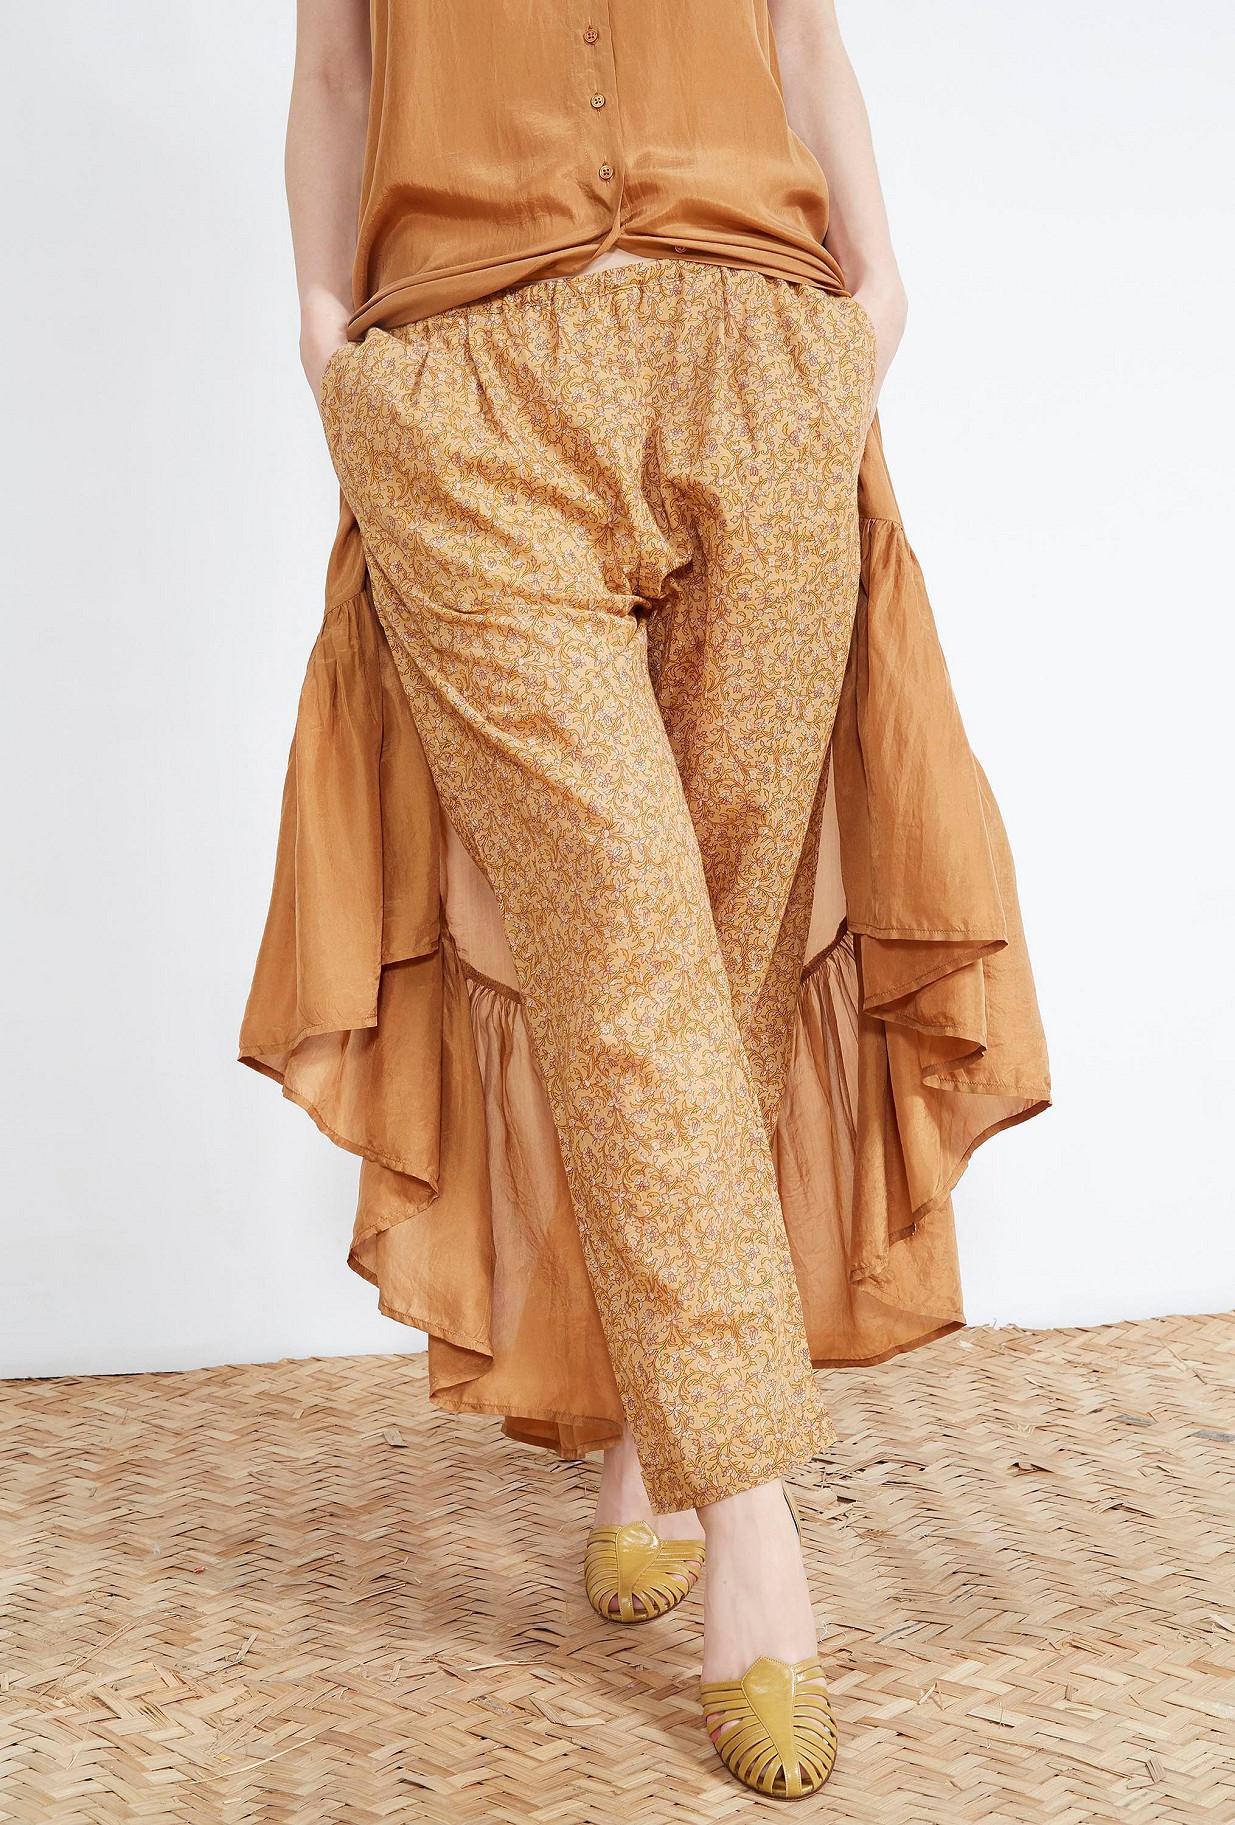 PANTALON Imprimé nude  Aladin mes demoiselles paris vêtement femme paris